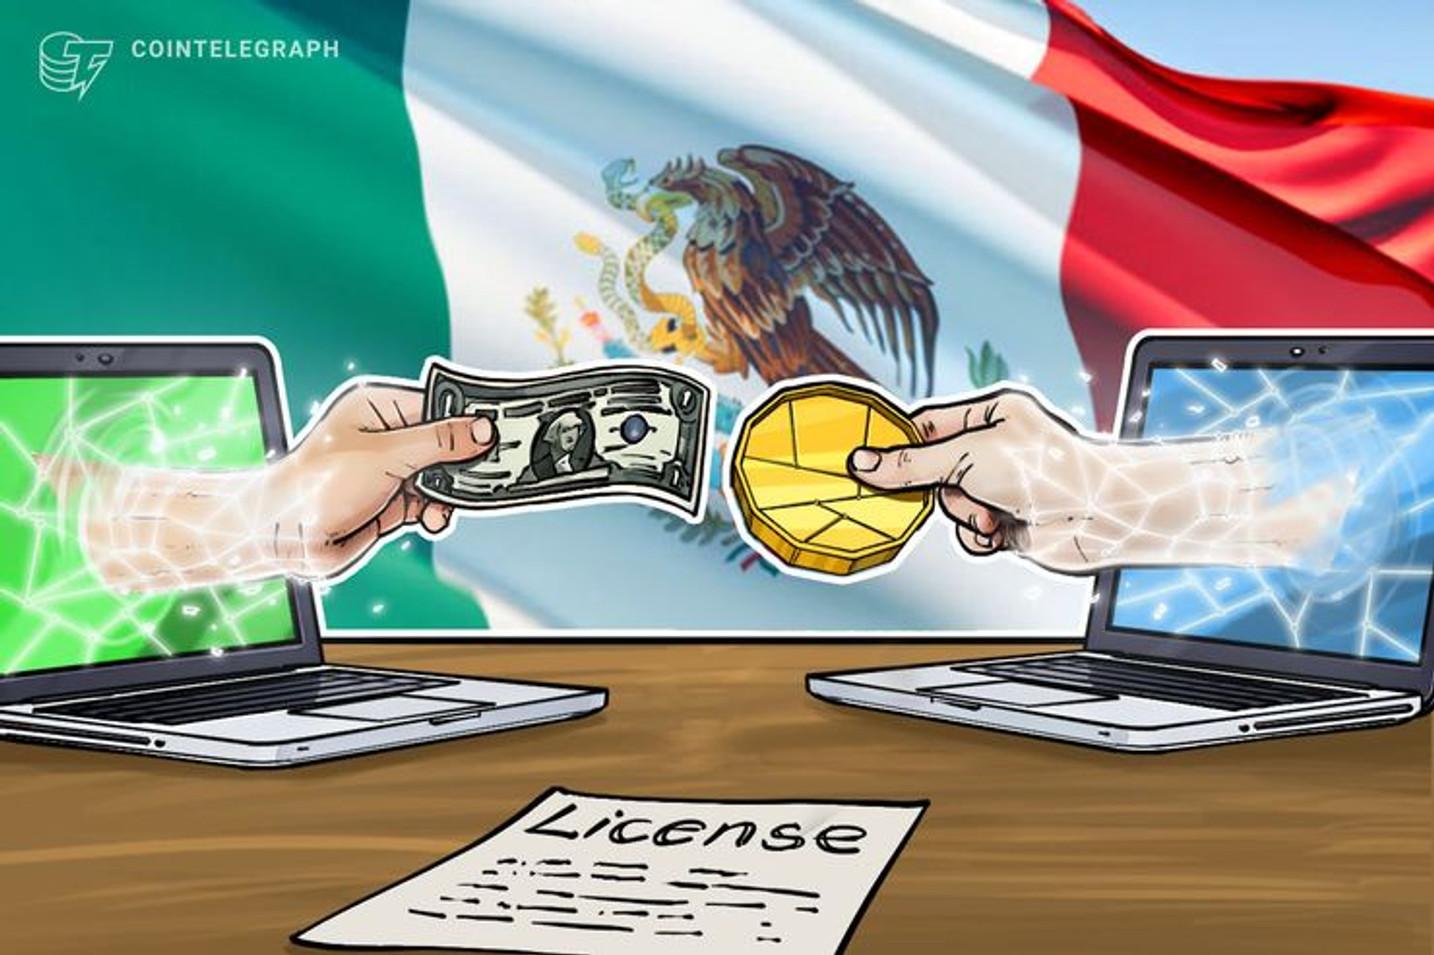 México es uno de los países latinoamericanos con más usuarios de Internet que están familiarizados con criptomonedas